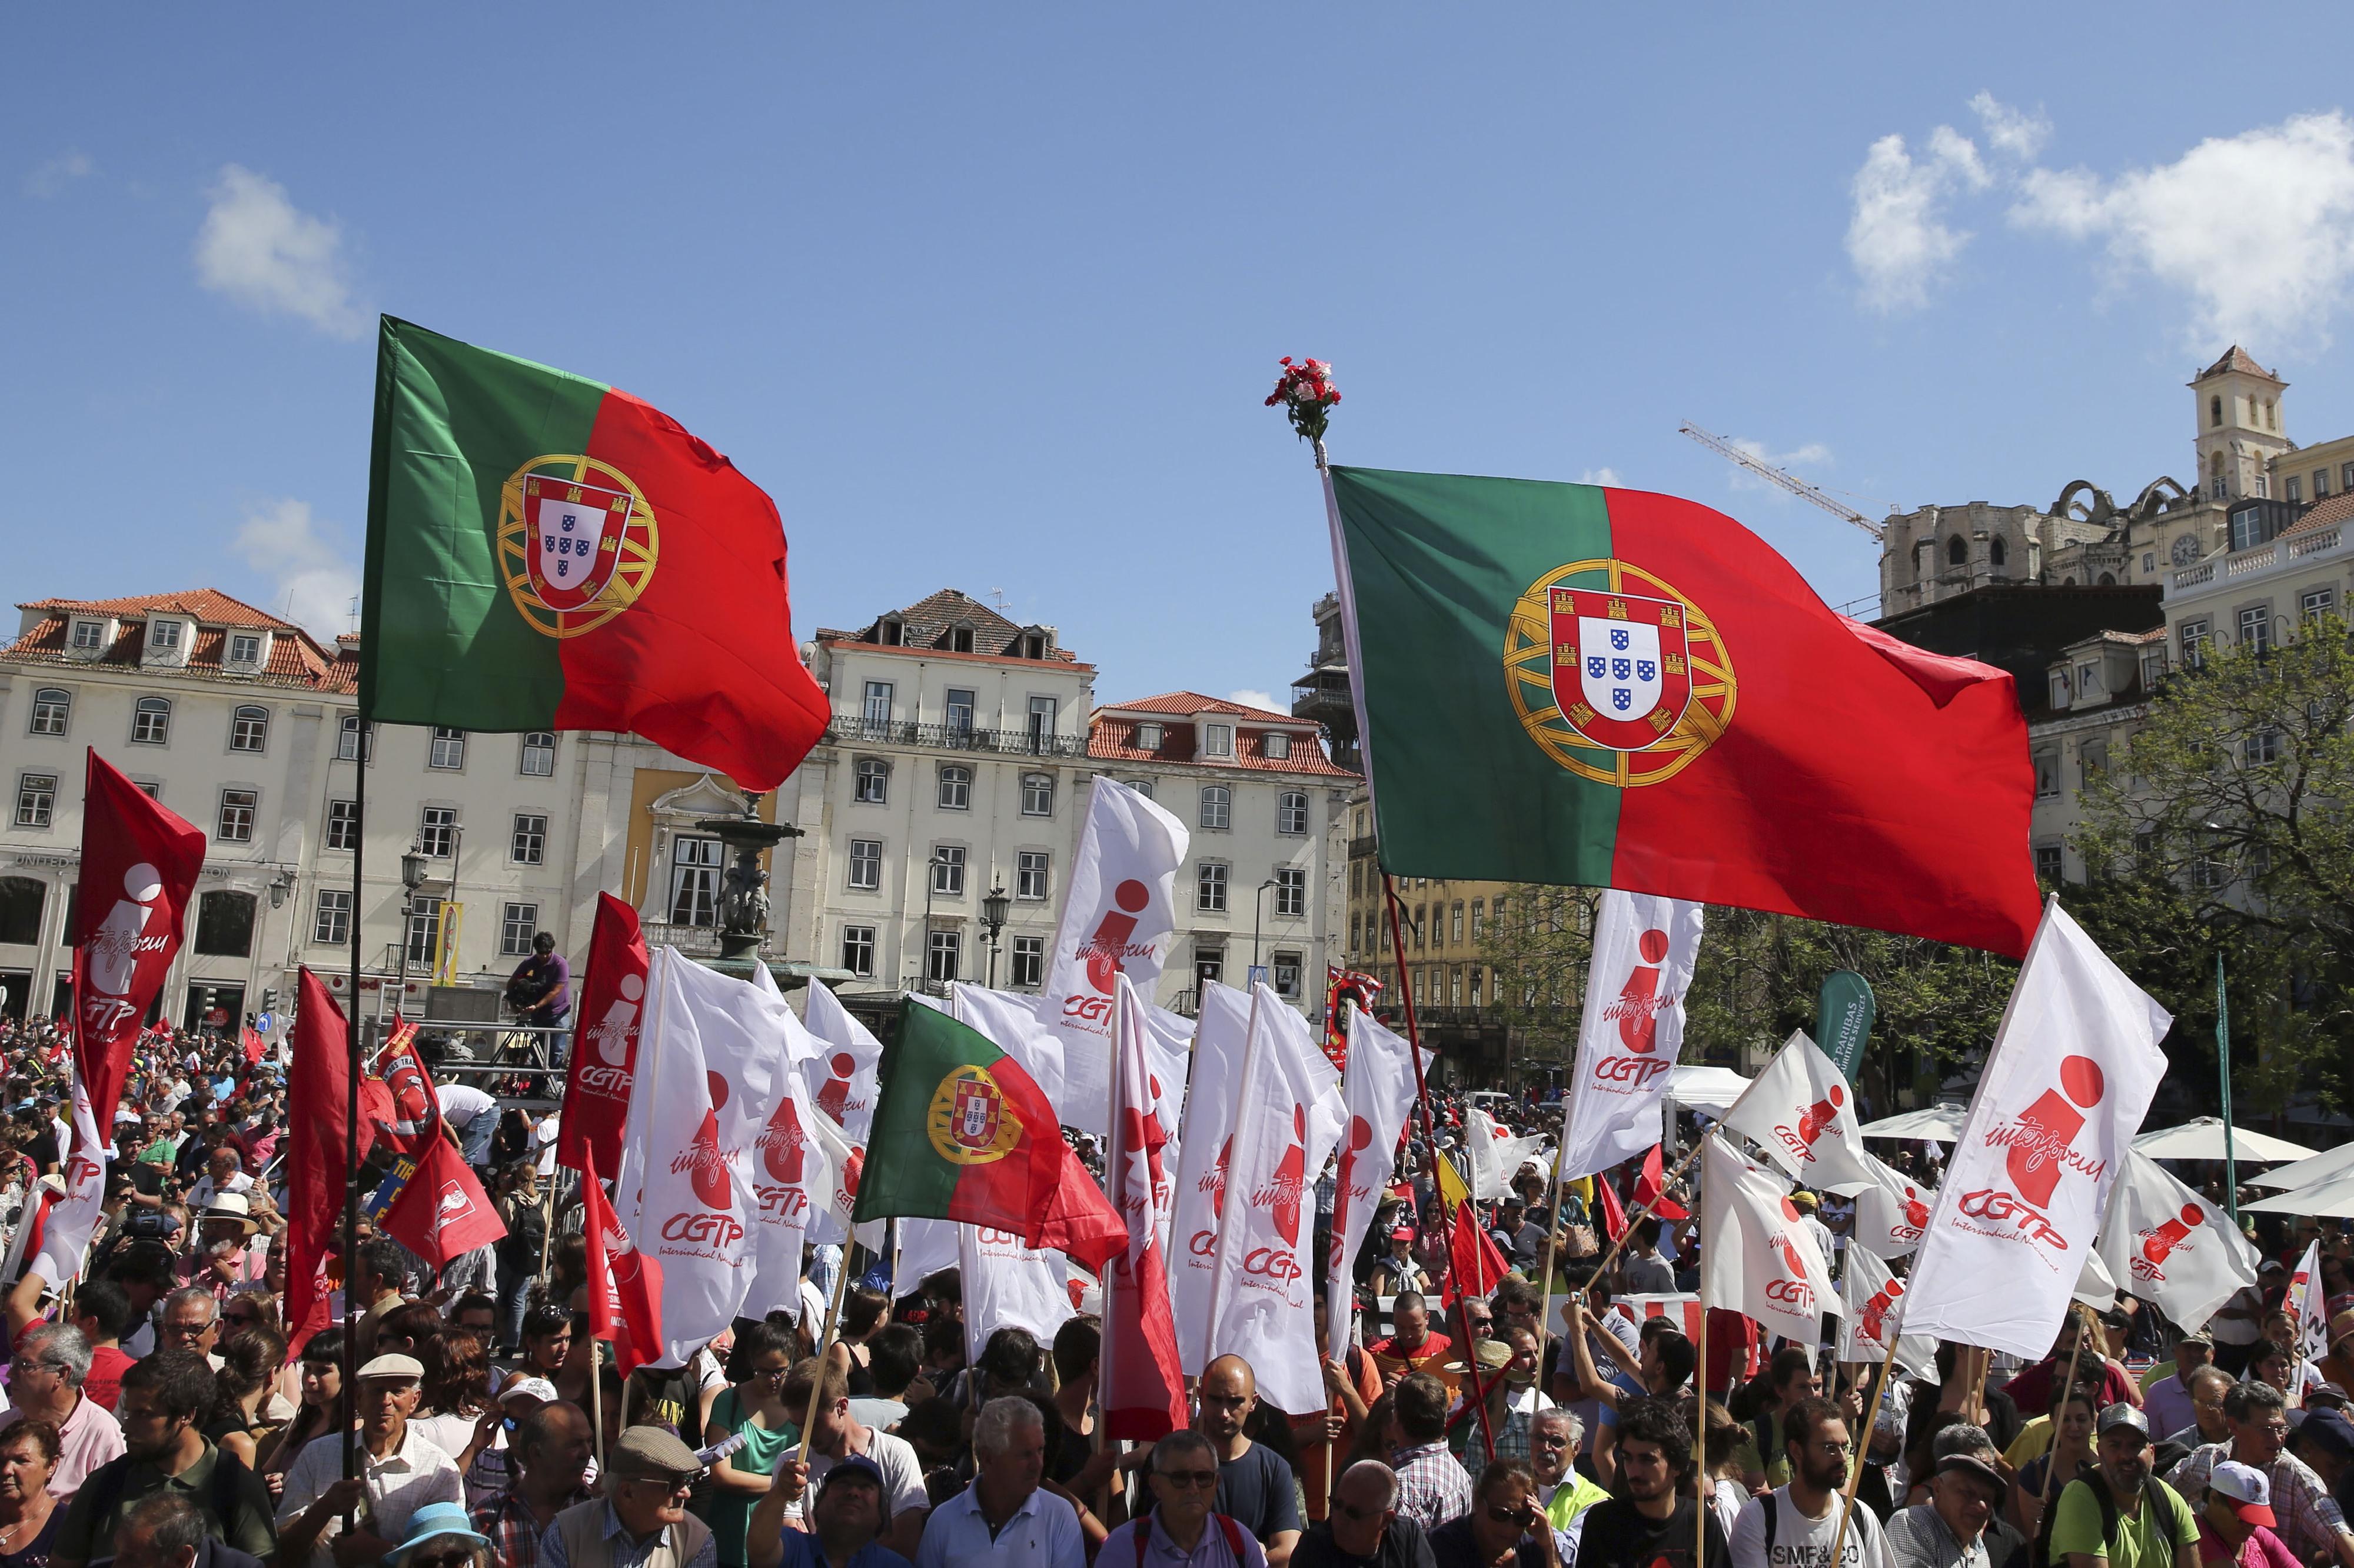 Milhares na manifestação da CGTP pela valorização do trabalho e das pessoas